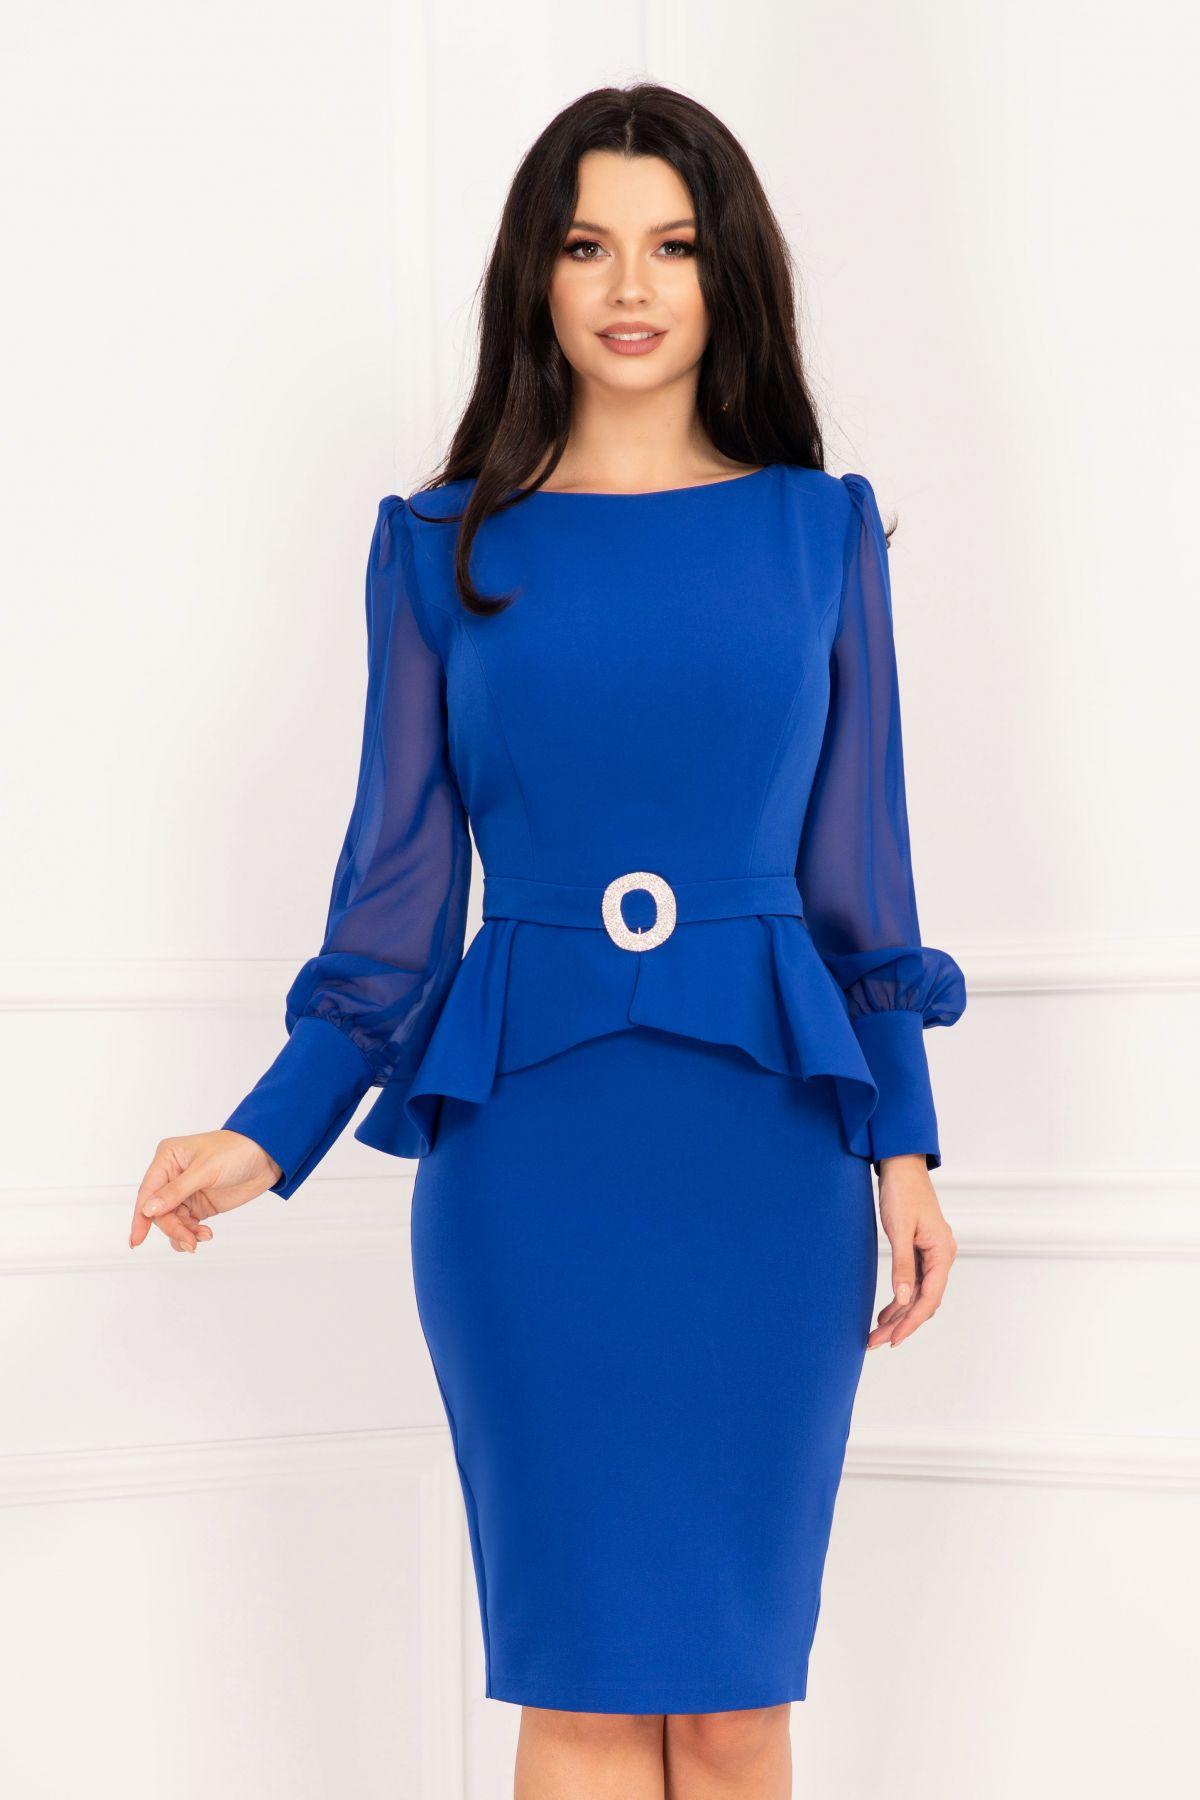 Rochie de ocazie InPuff albastru royal cu peplum si accesoriu pretios